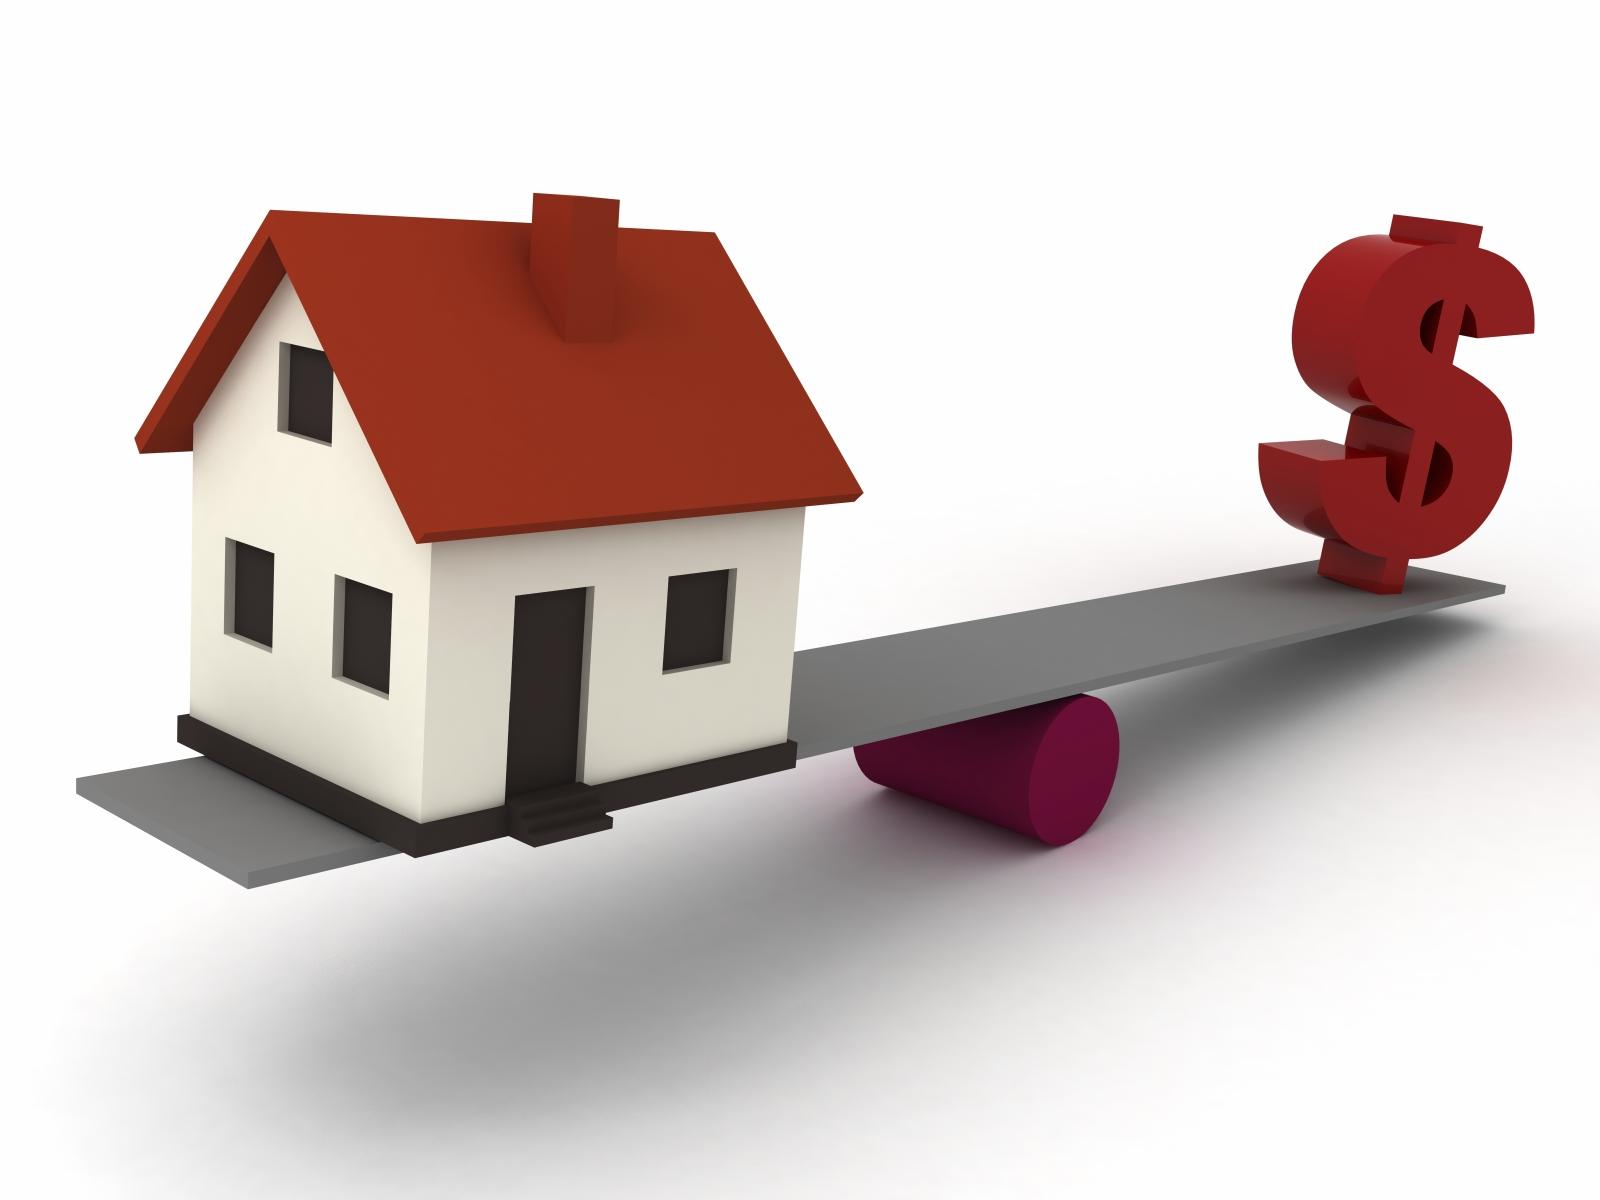 comment faire de l argent avec les hypoth ques des autres finances personnelles l actualit. Black Bedroom Furniture Sets. Home Design Ideas